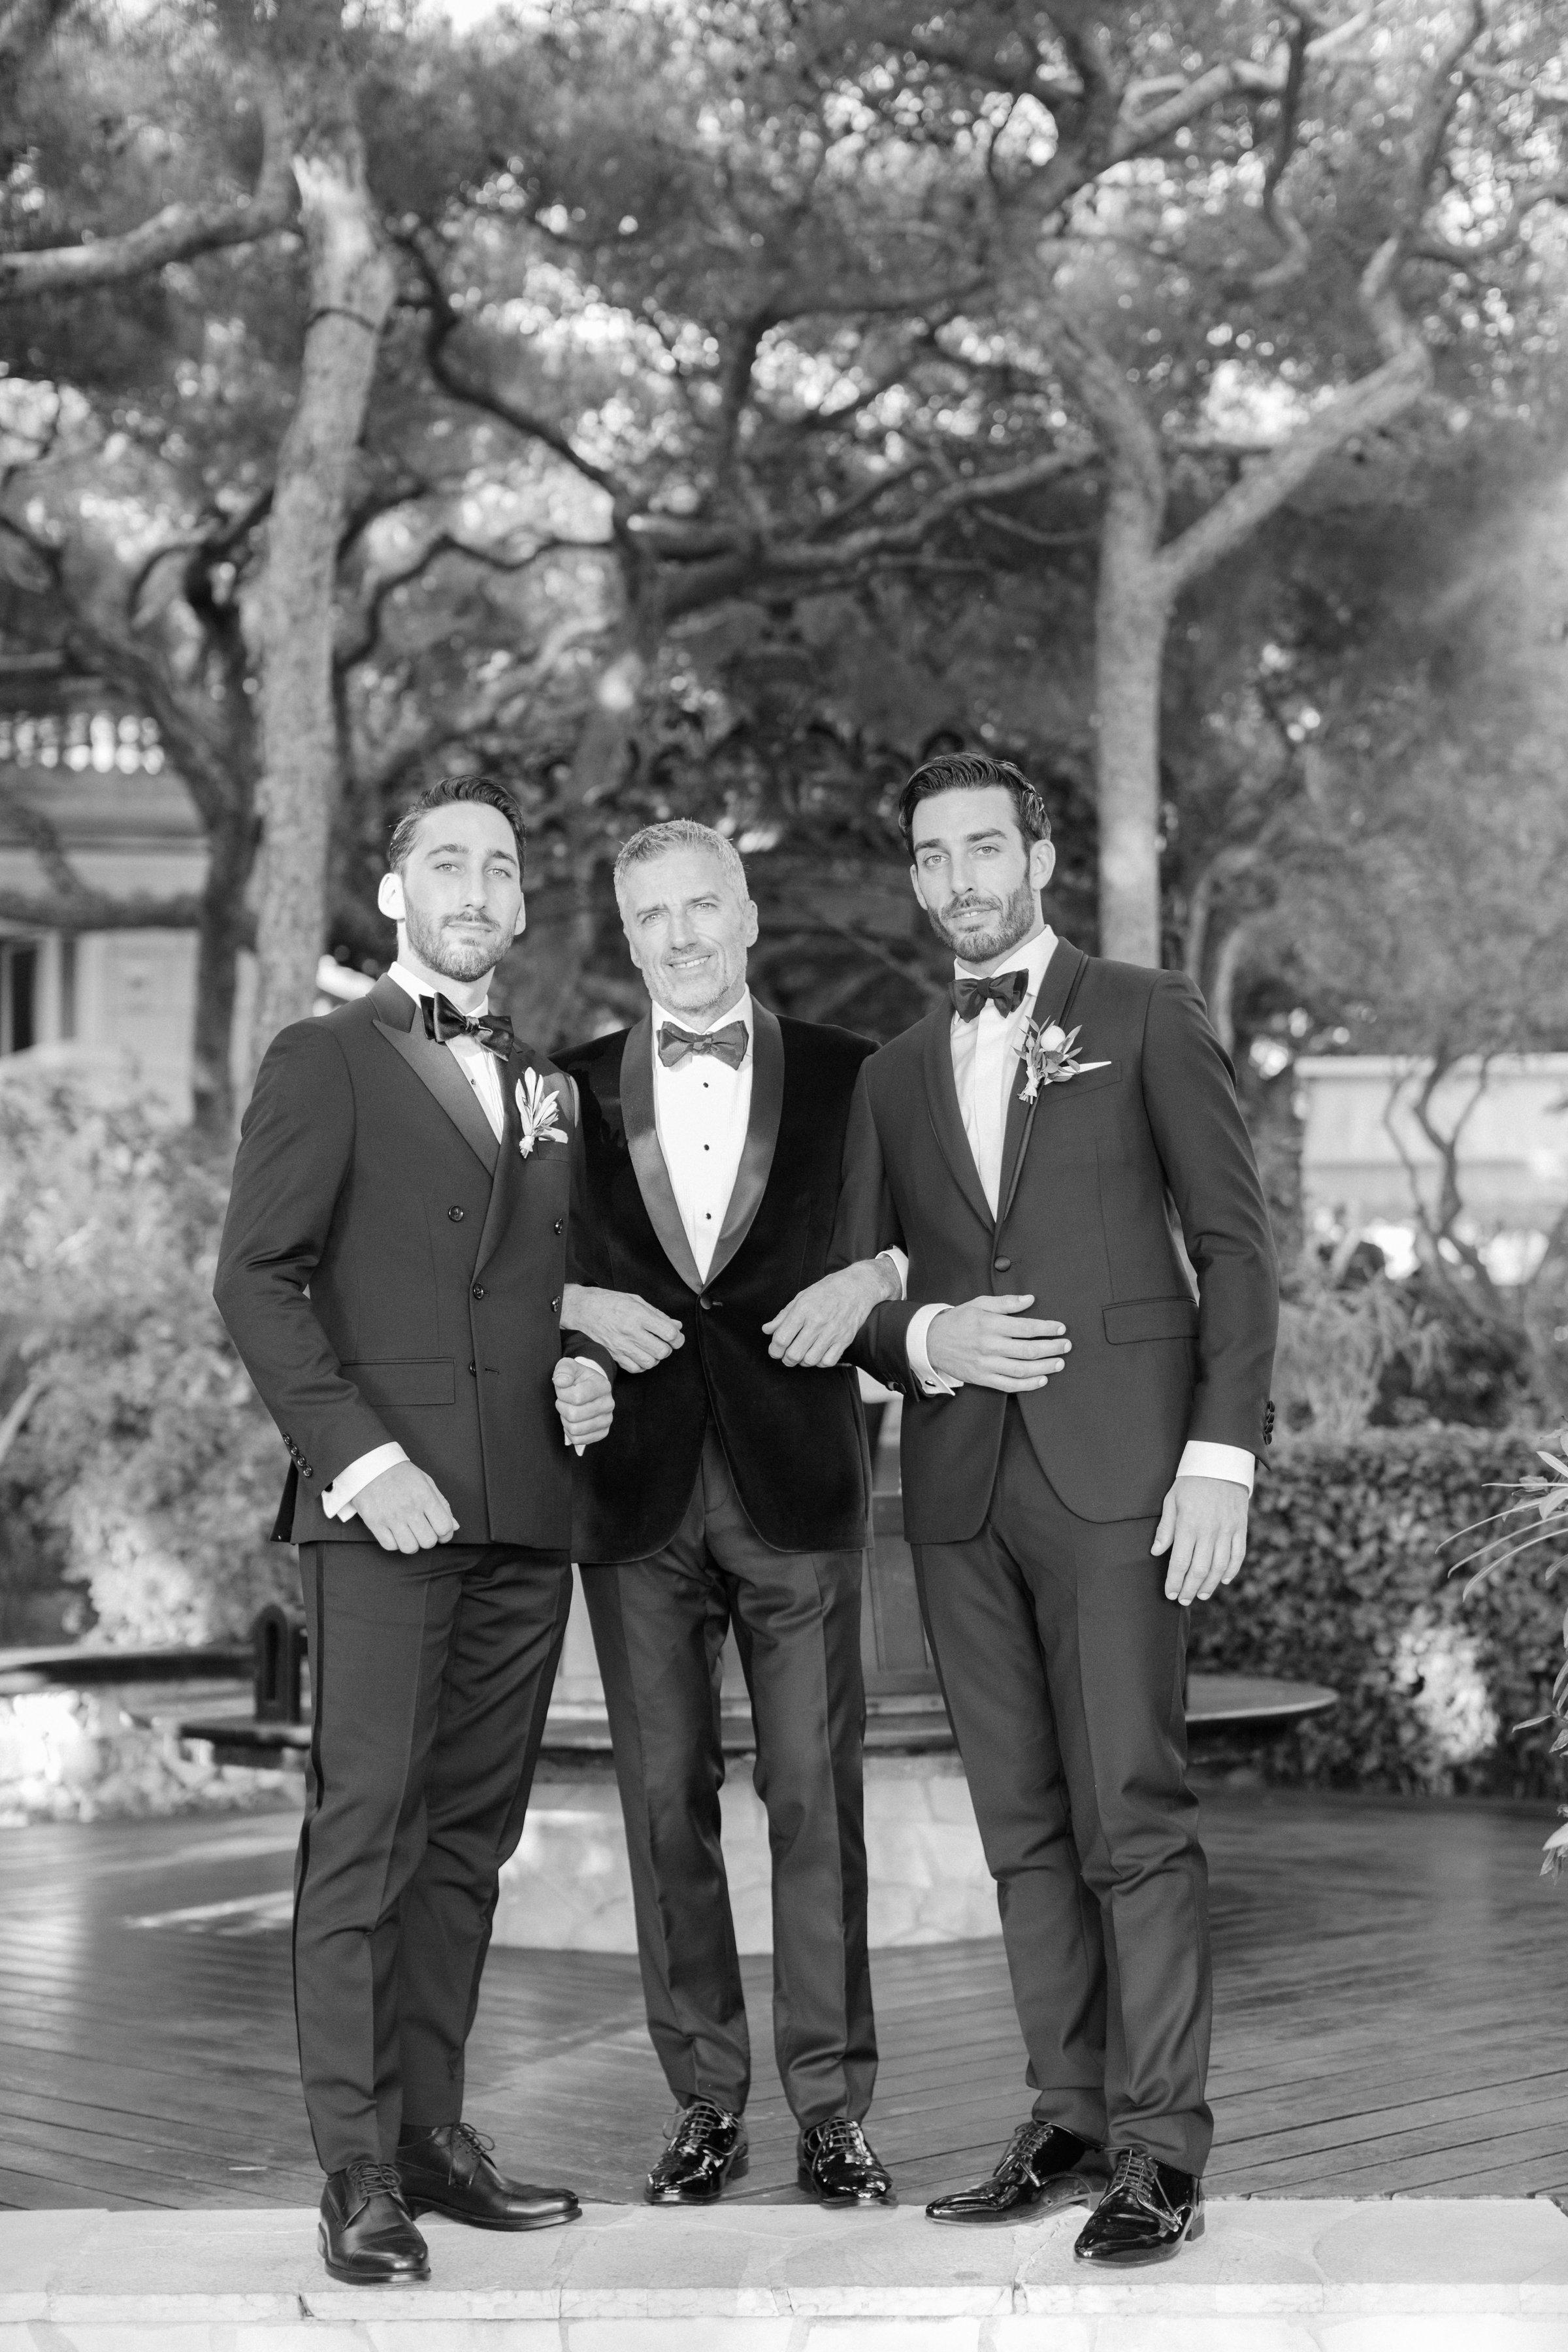 jiannina enzo wedding groomsmen